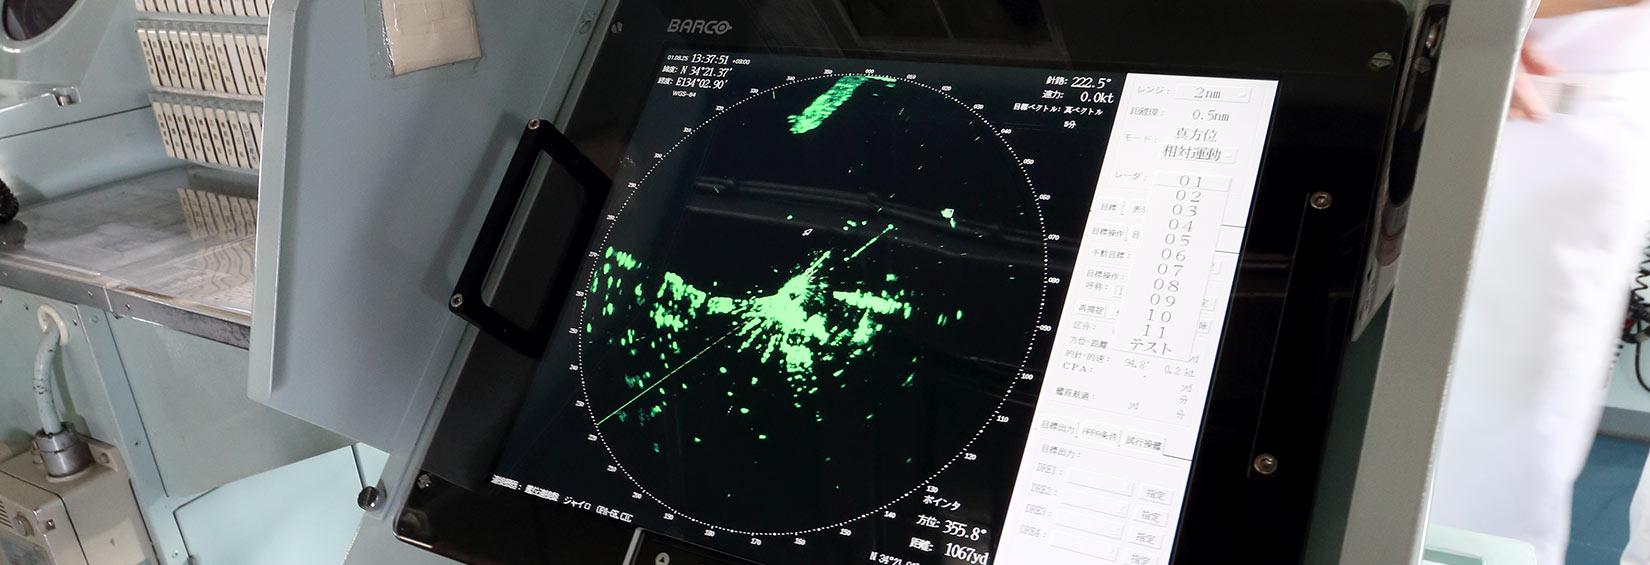 Školení Radar patent